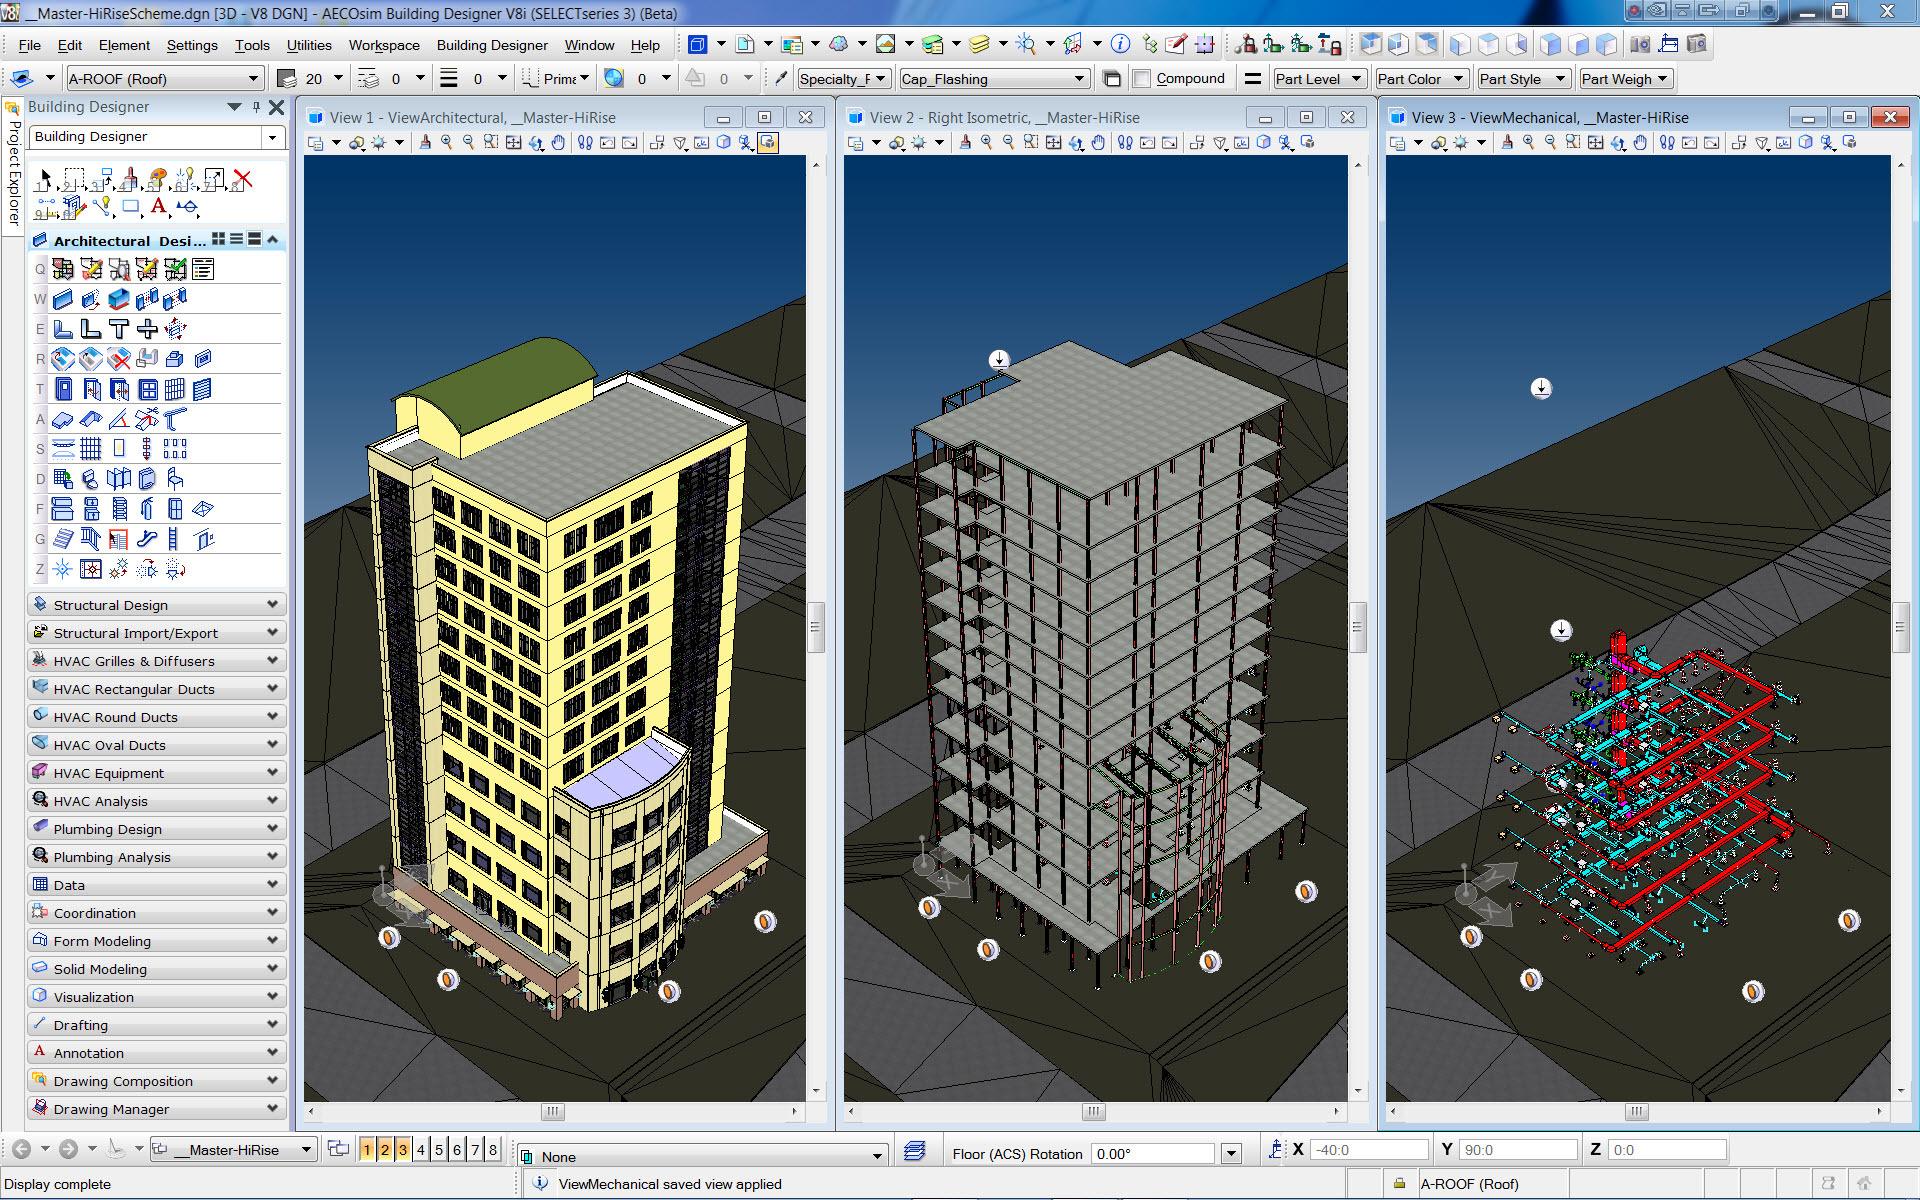 AECOsim Building Designer